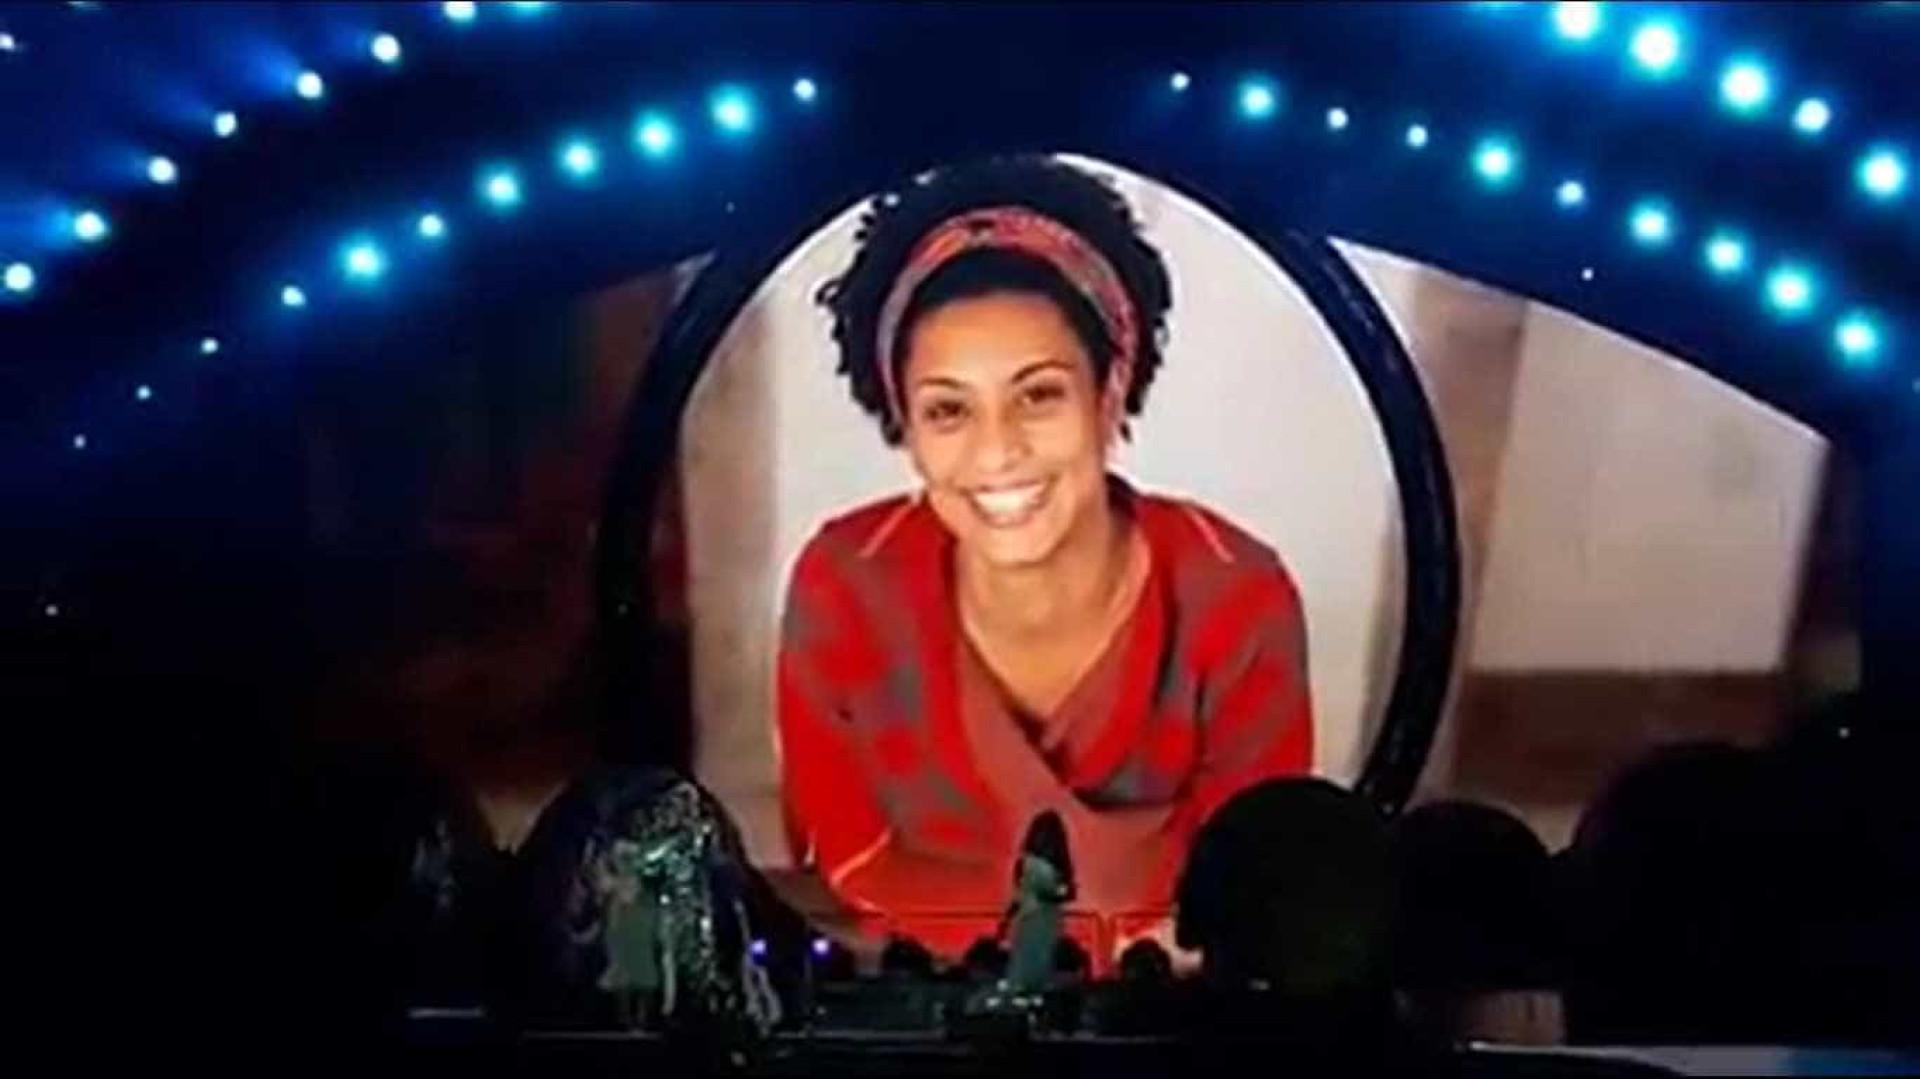 Vídeo: Kate Perry homenageia Marielle durante show no Rio de Janeiro